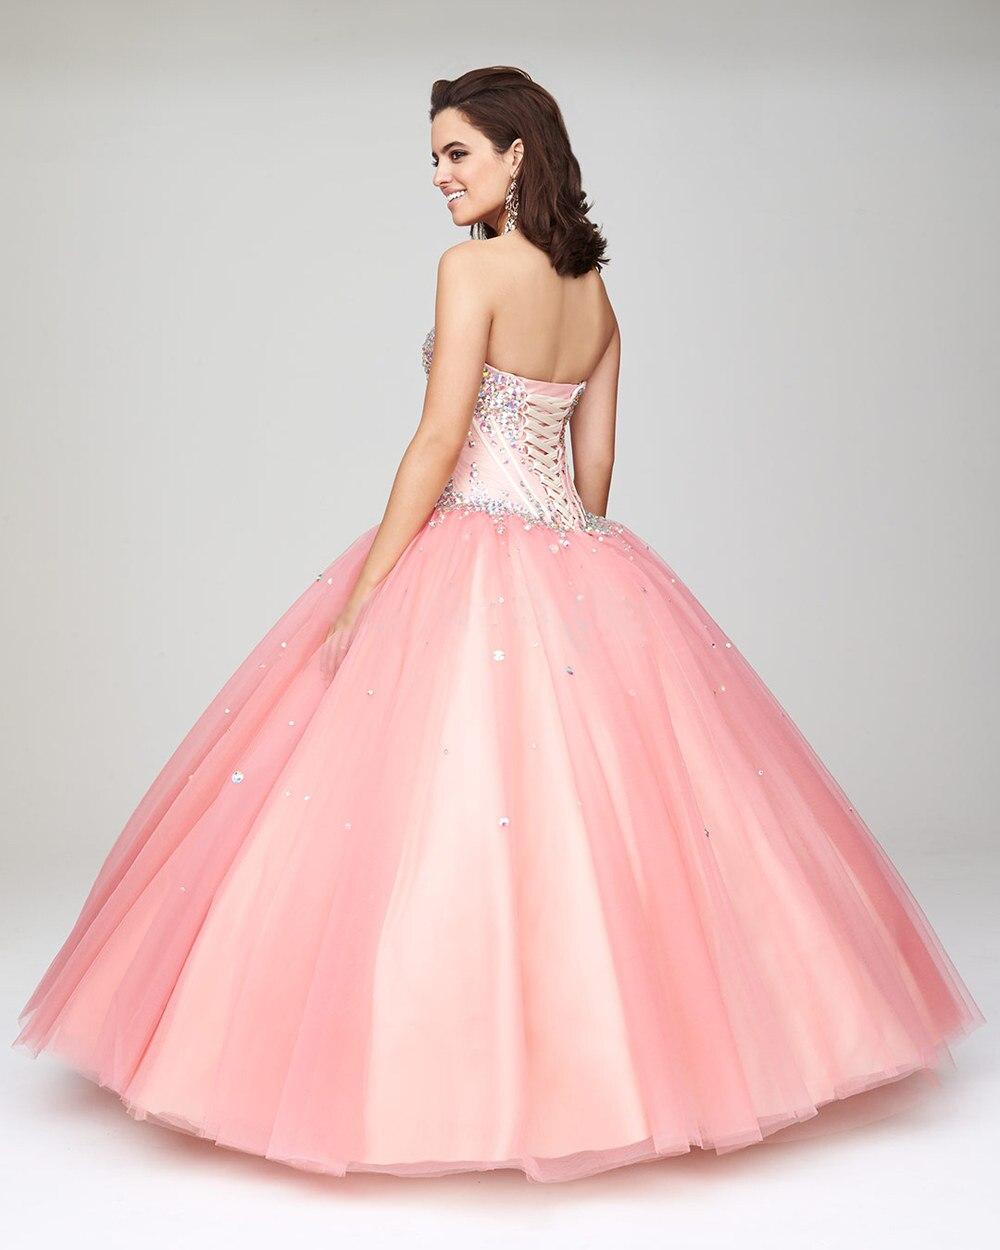 Cute Pink vestidos quinceañera vestidos de bola barato vestidos de ...